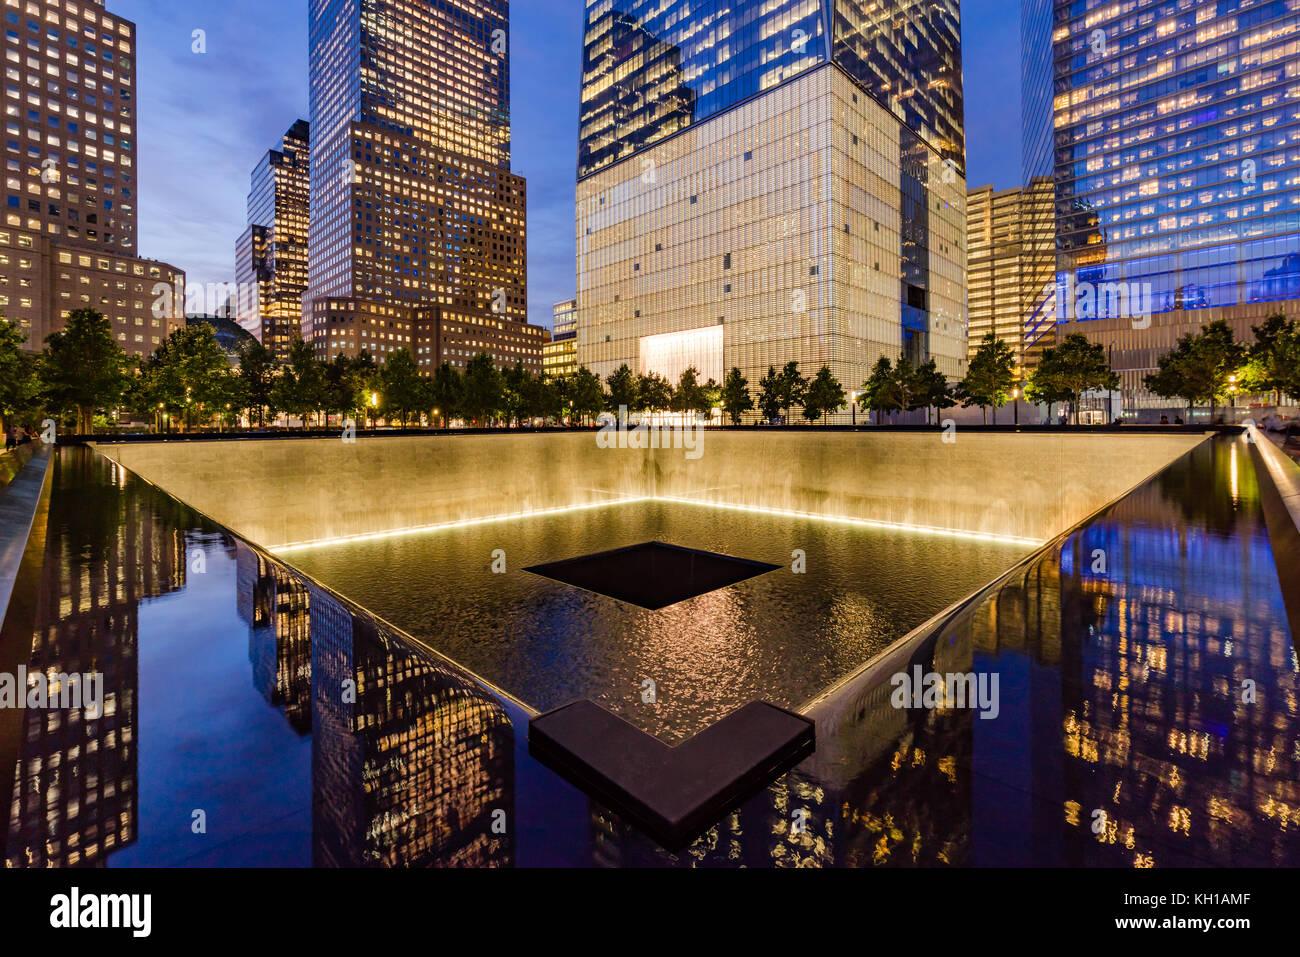 Il Nord Pool riflettente illuminato al crepuscolo con vista di One World Trade Center. La parte inferiore di Manhattan, Immagini Stock